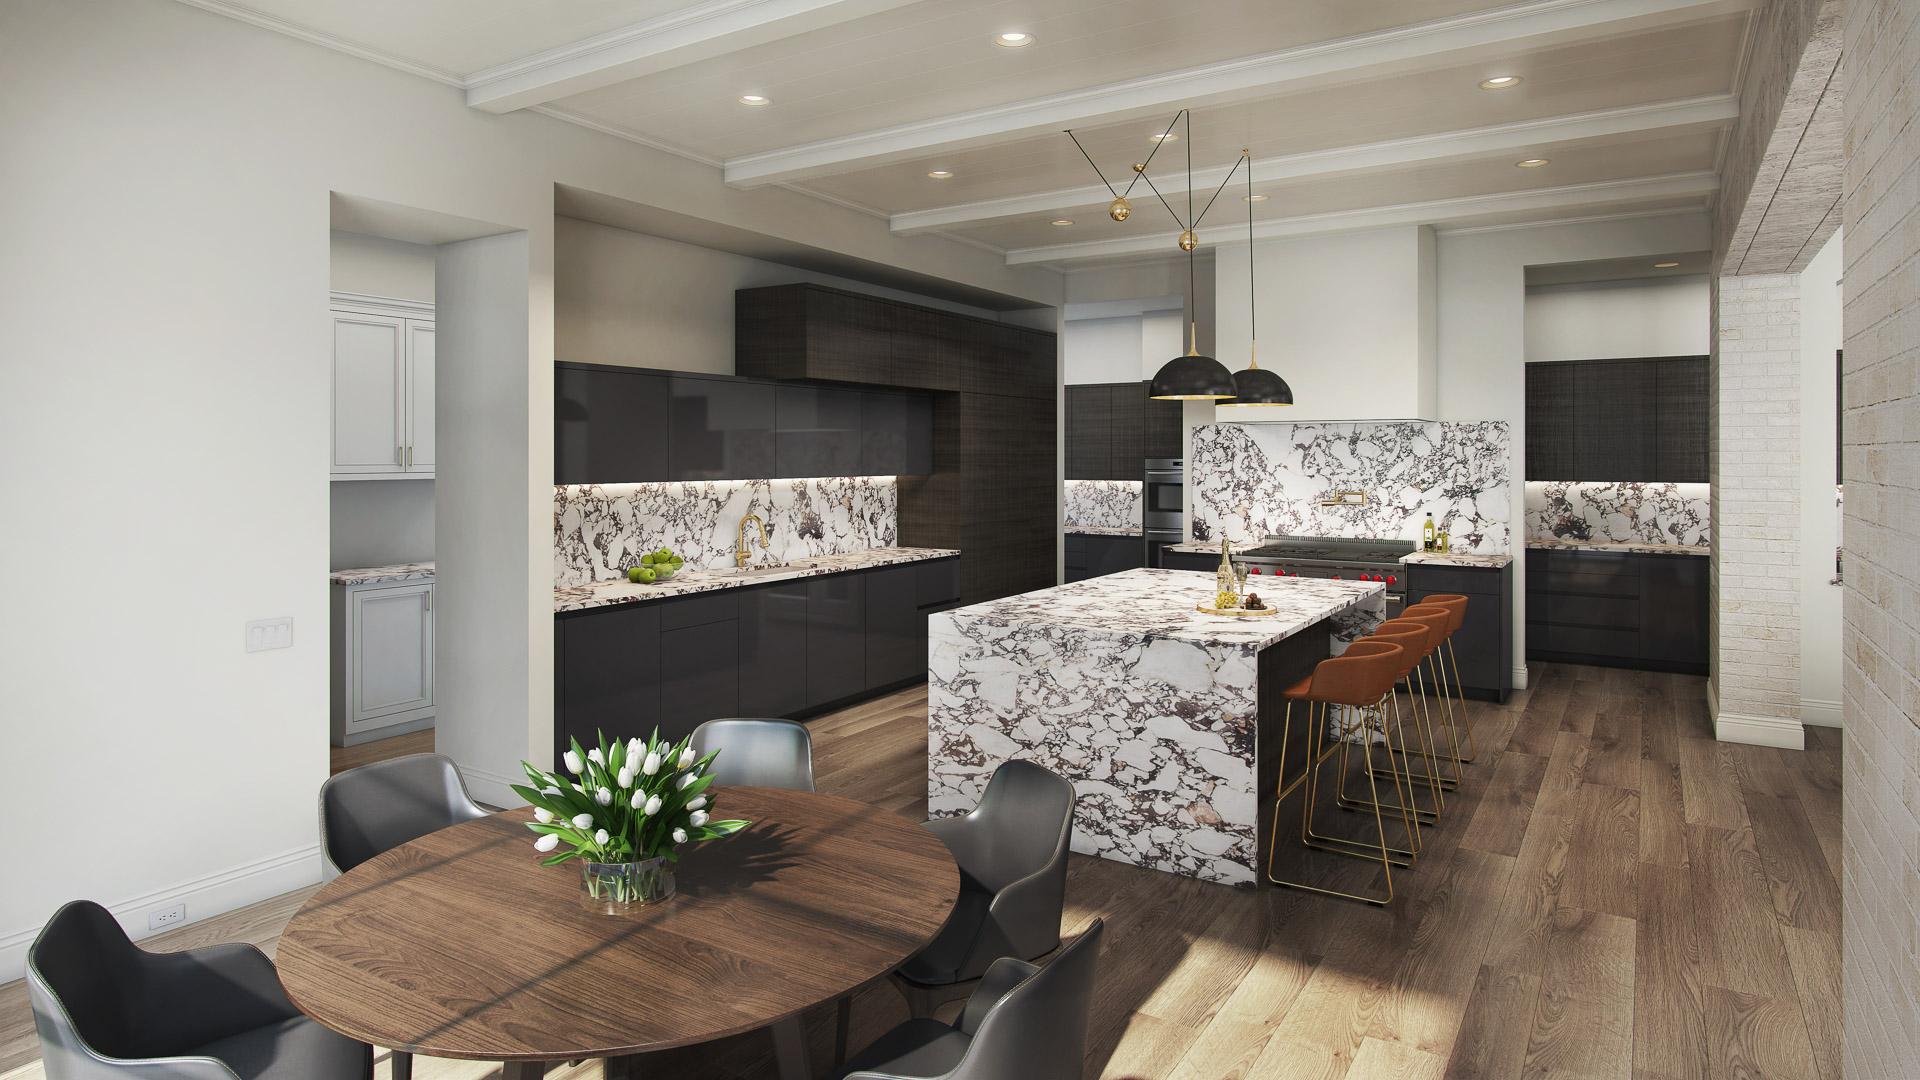 GreenTree_Interior_Kitchen_Cam1_HD_010819